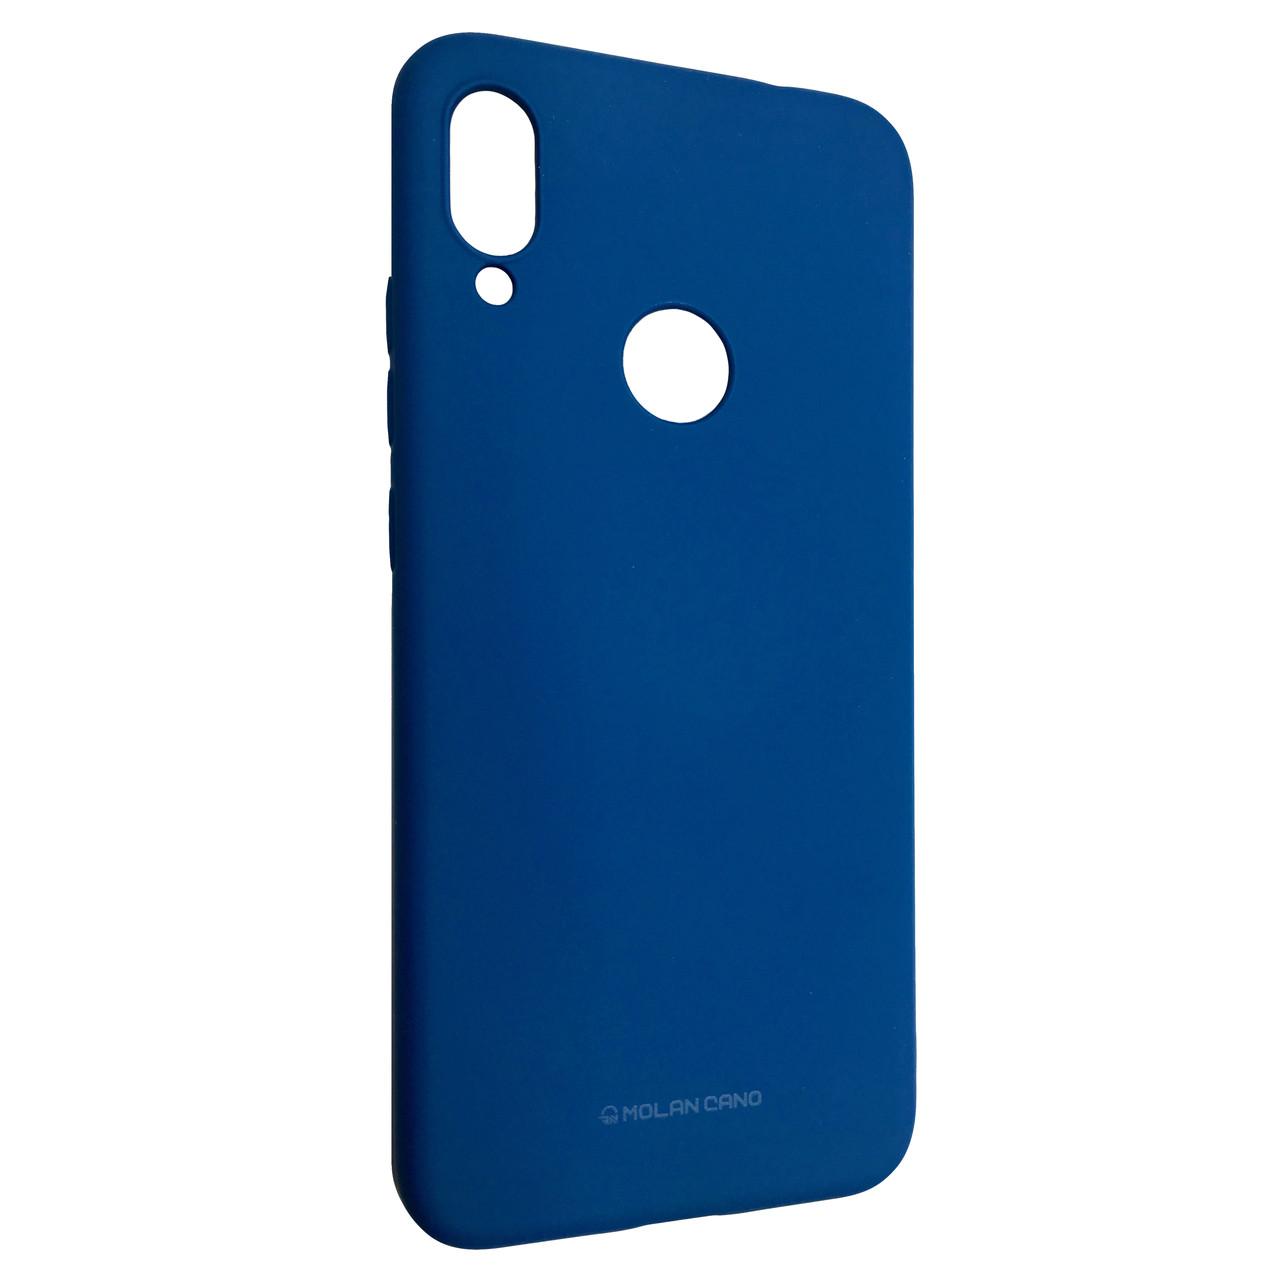 Чохол Hana Molan Cano Xiaomi Redmi Note 7 Pro (blue)